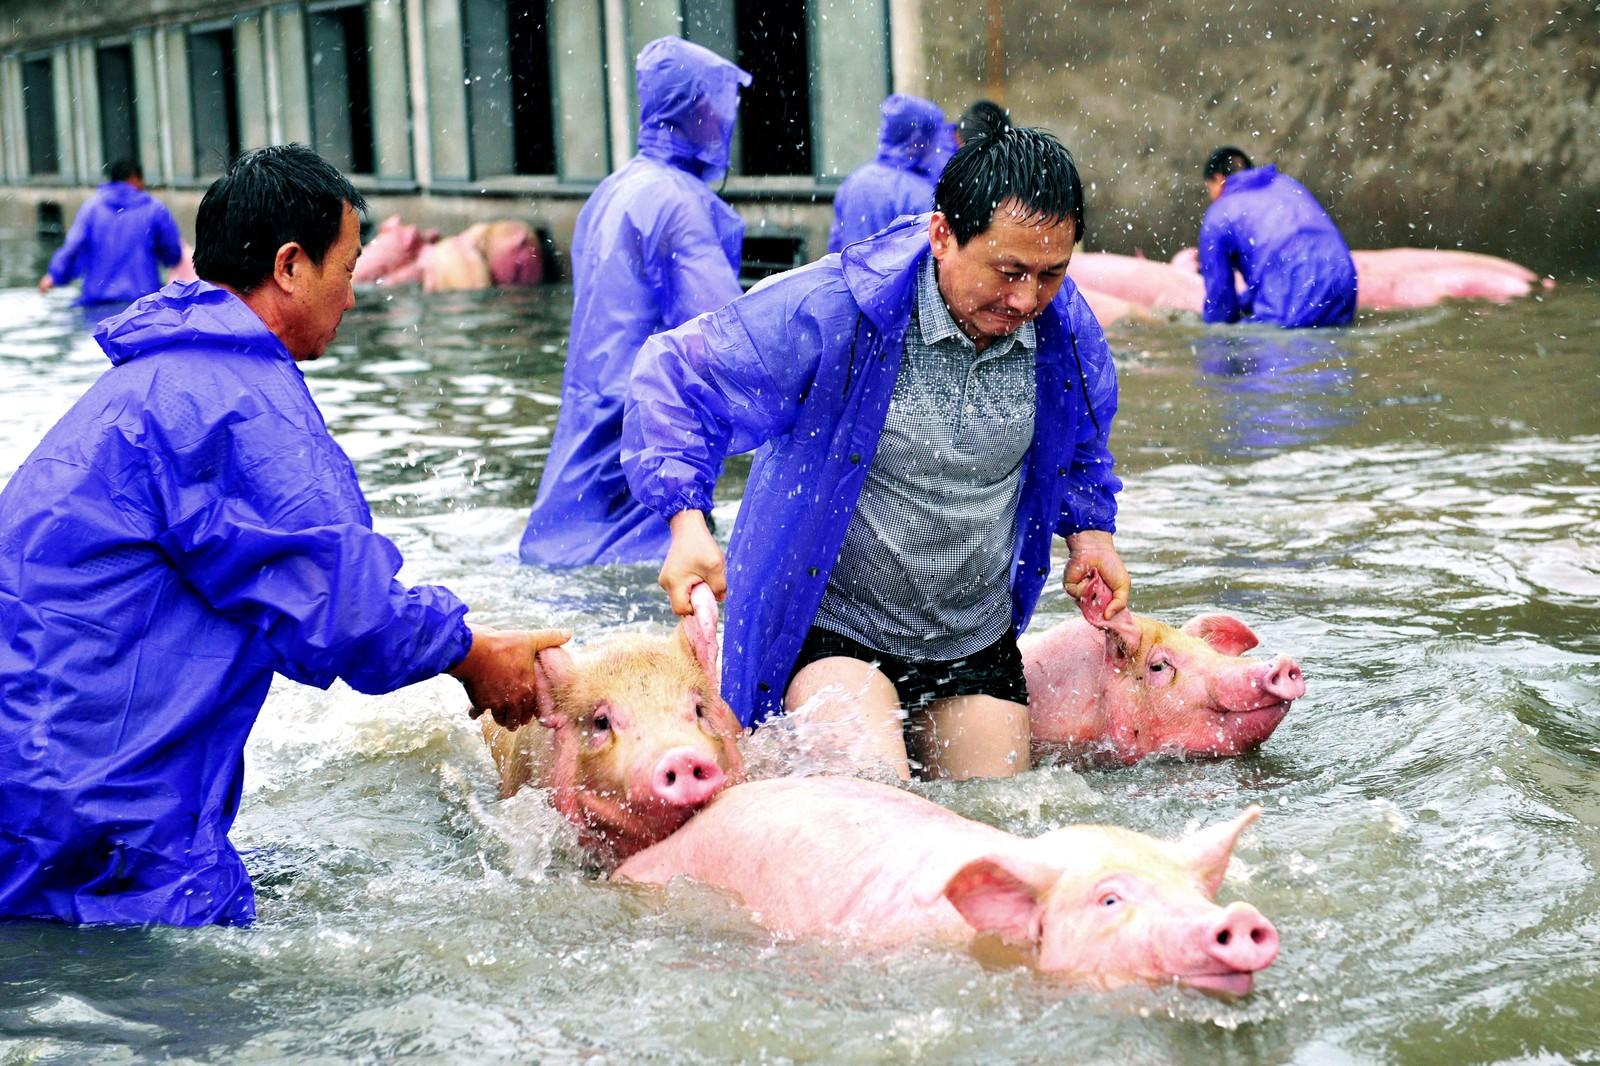 Griser trengte hjelp til å unnslippe en flom i Luàn i Anhui i Kina den femte juli.